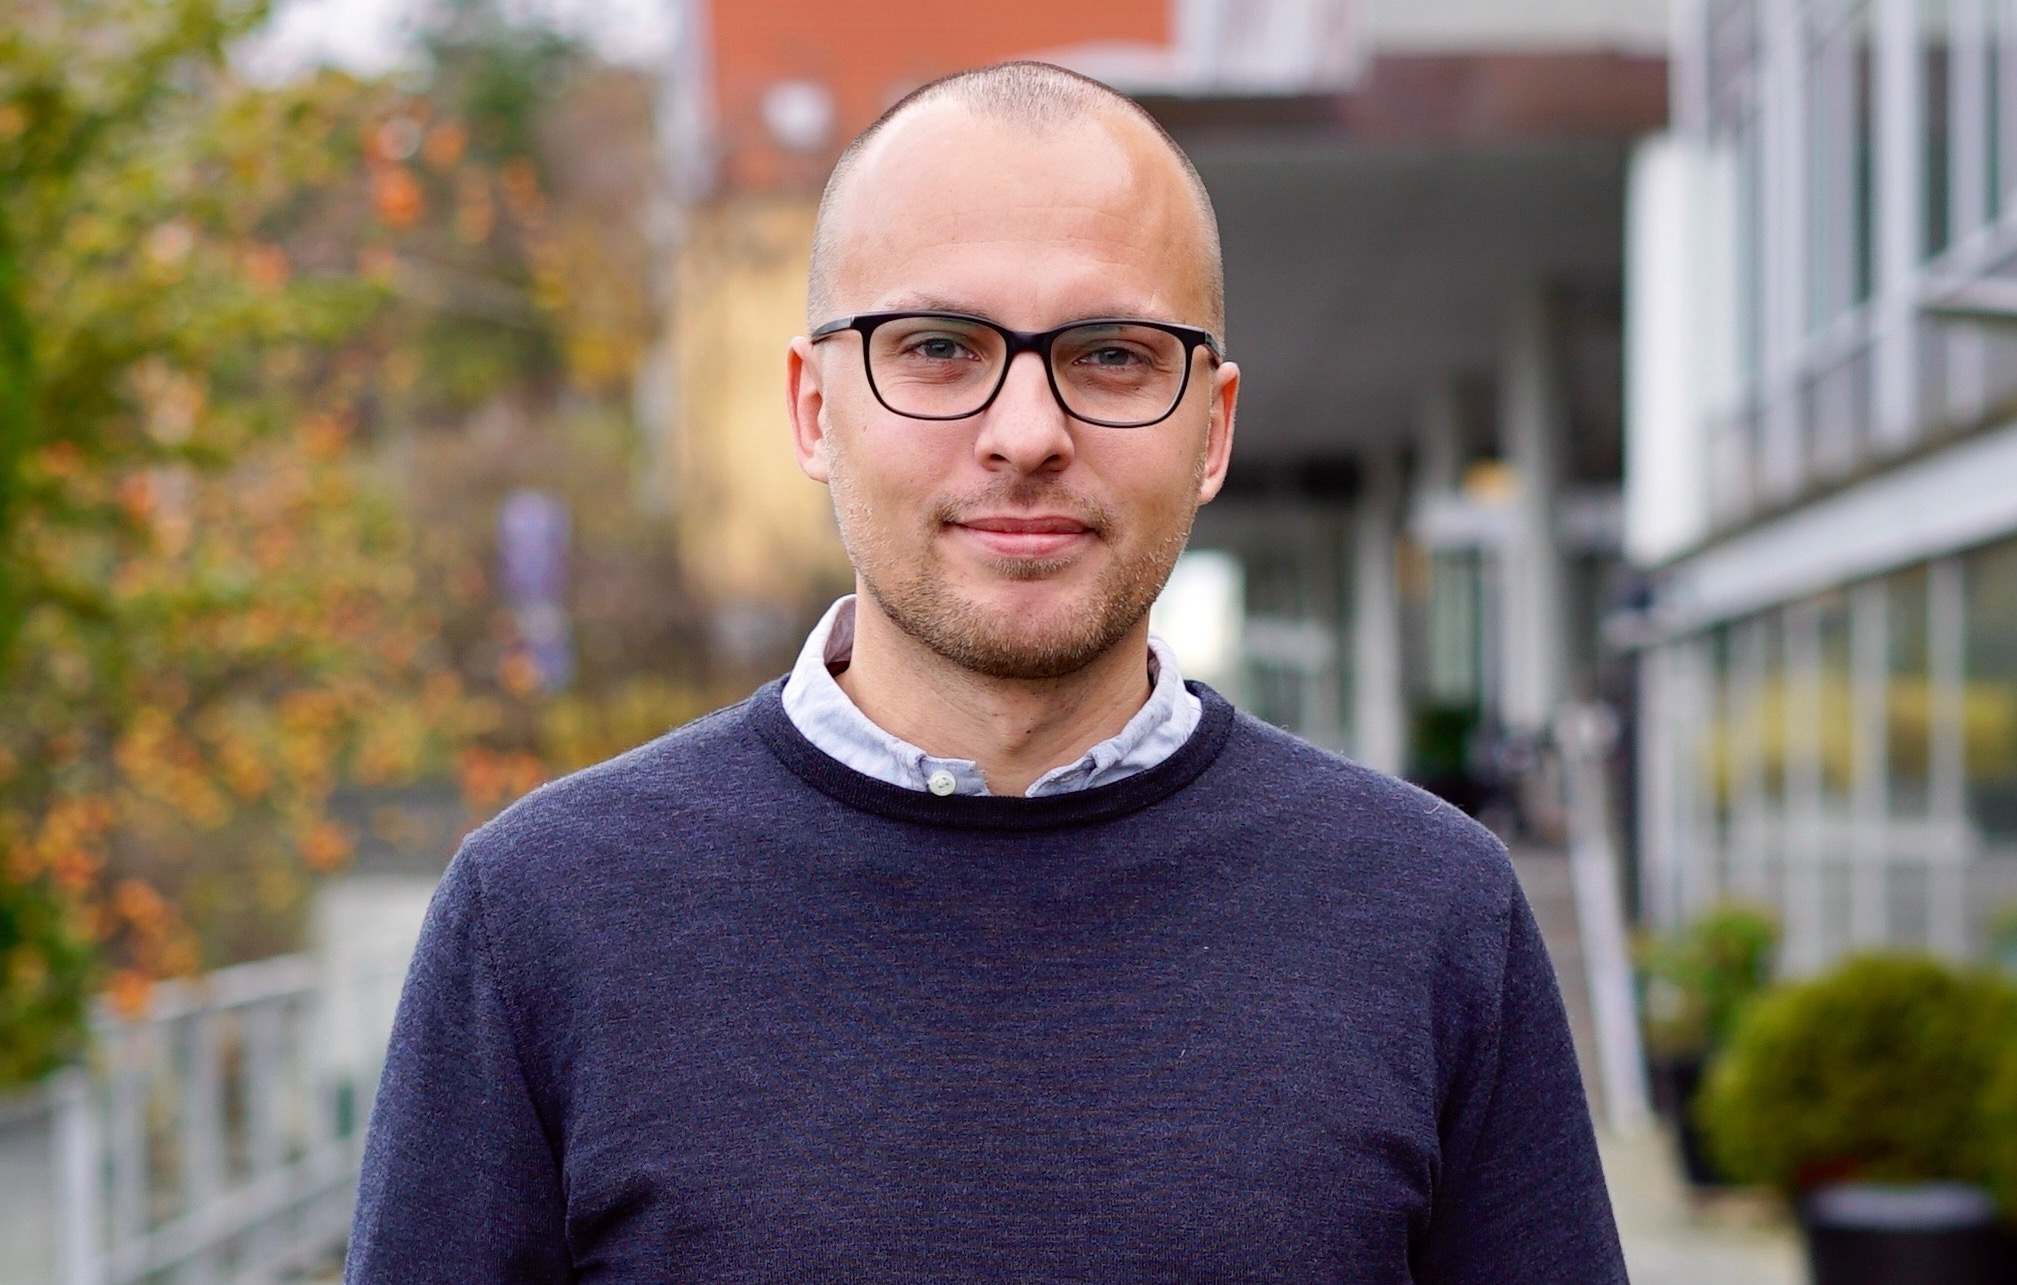 31-årige Simon Kristensen afløser Birthe Jakobsen som direktør for Scandic-hotellet ved Silkeborg. Mens han bliver kædens yngste hoteldirektør i Danmark, er Birthe Jakobsen den længst siddende – men nu vil hun på pension. Foto: Scandic Hotels.